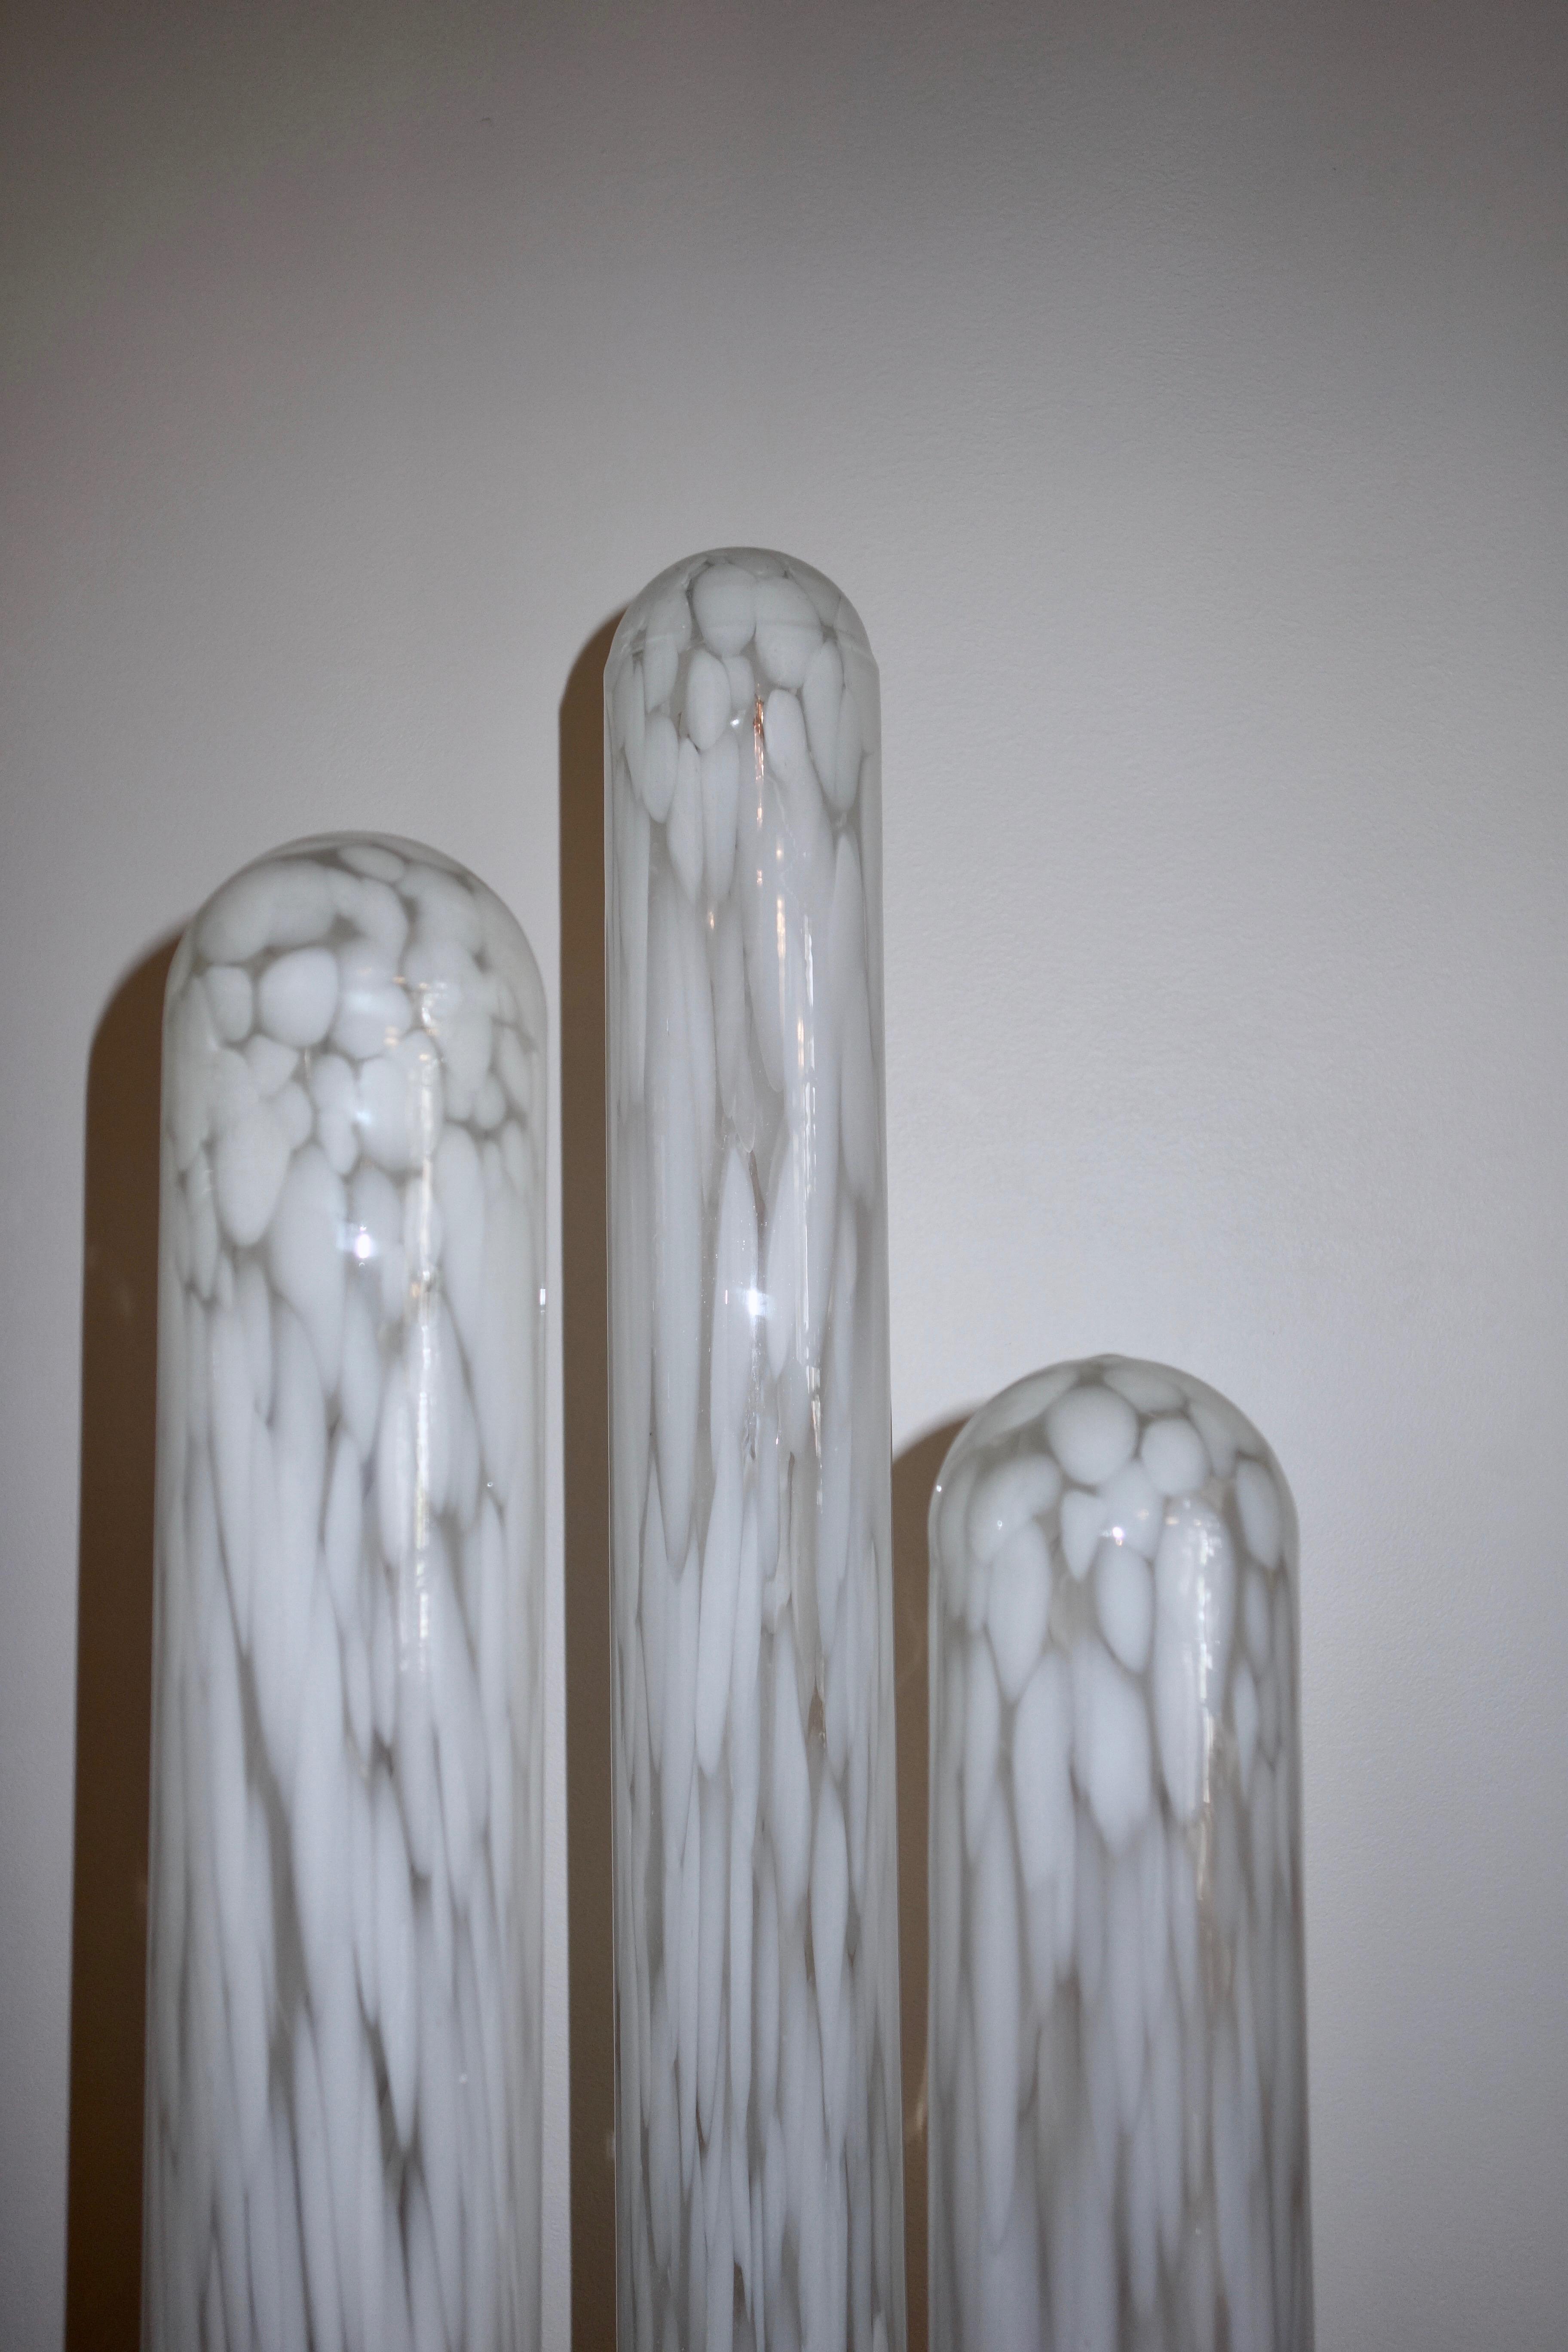 Lampadaire tubes par Mazzega en verre soufflé Murano année 70